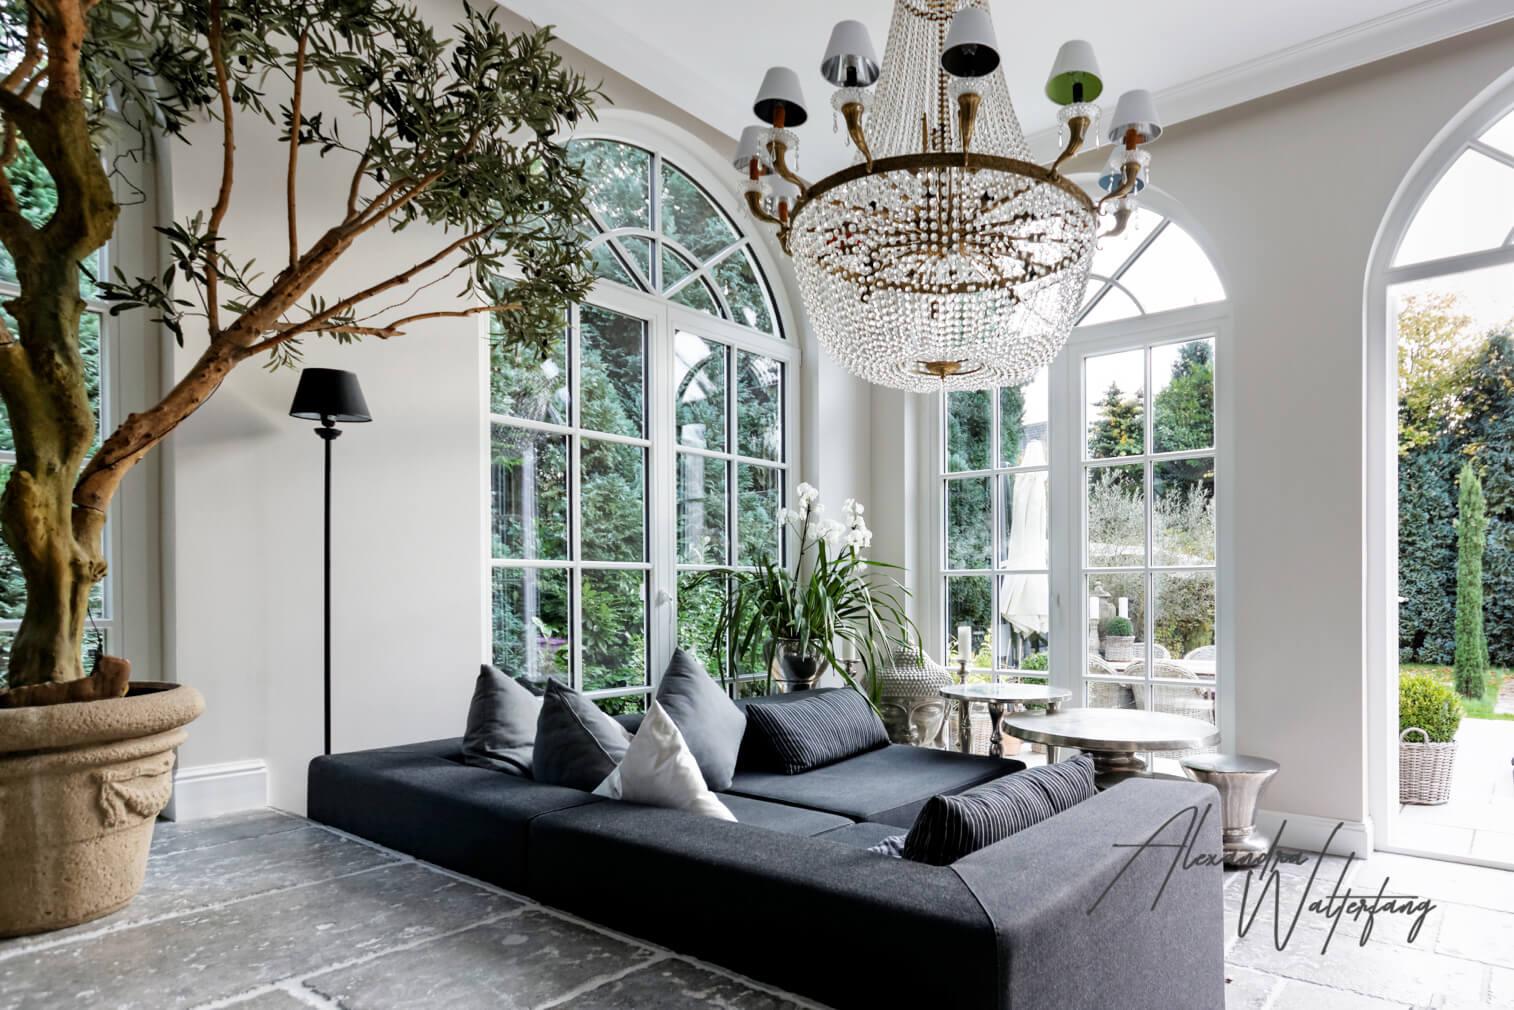 03.Bruma Immobilien Alexandra Walterfang Creative Home Design.jpg